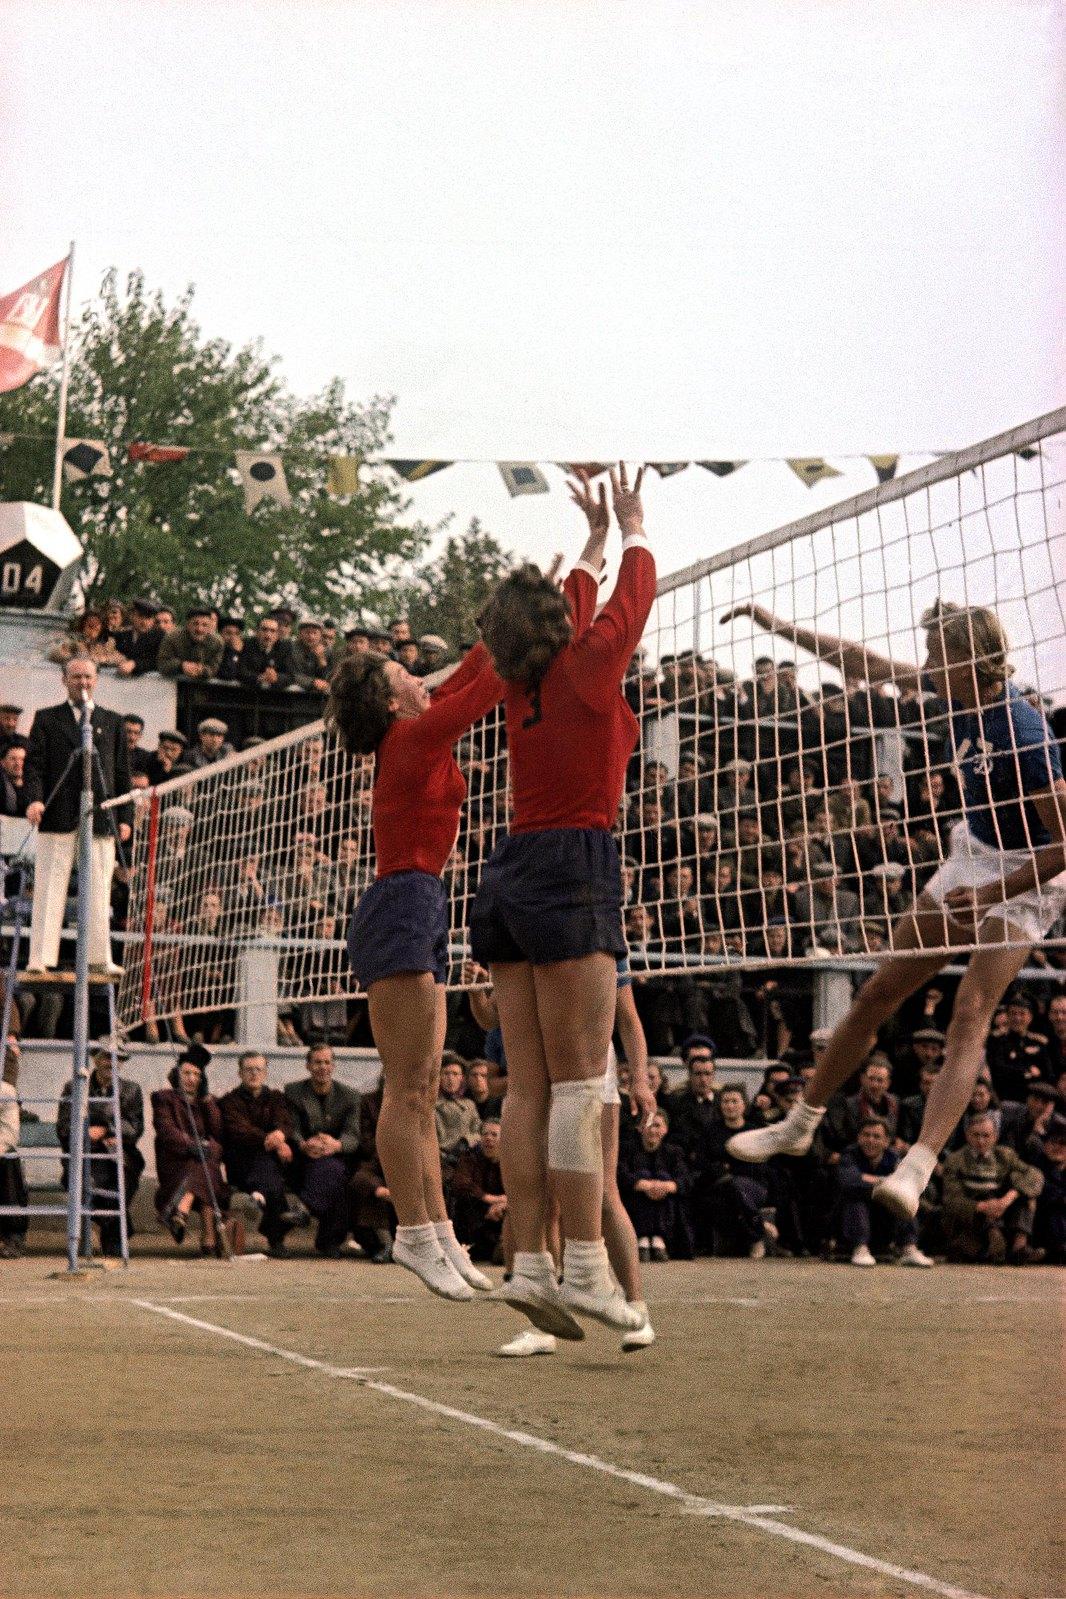 1951. Чемпионат СССР по волейболу среди женщин. 24 октября - 3 ноября